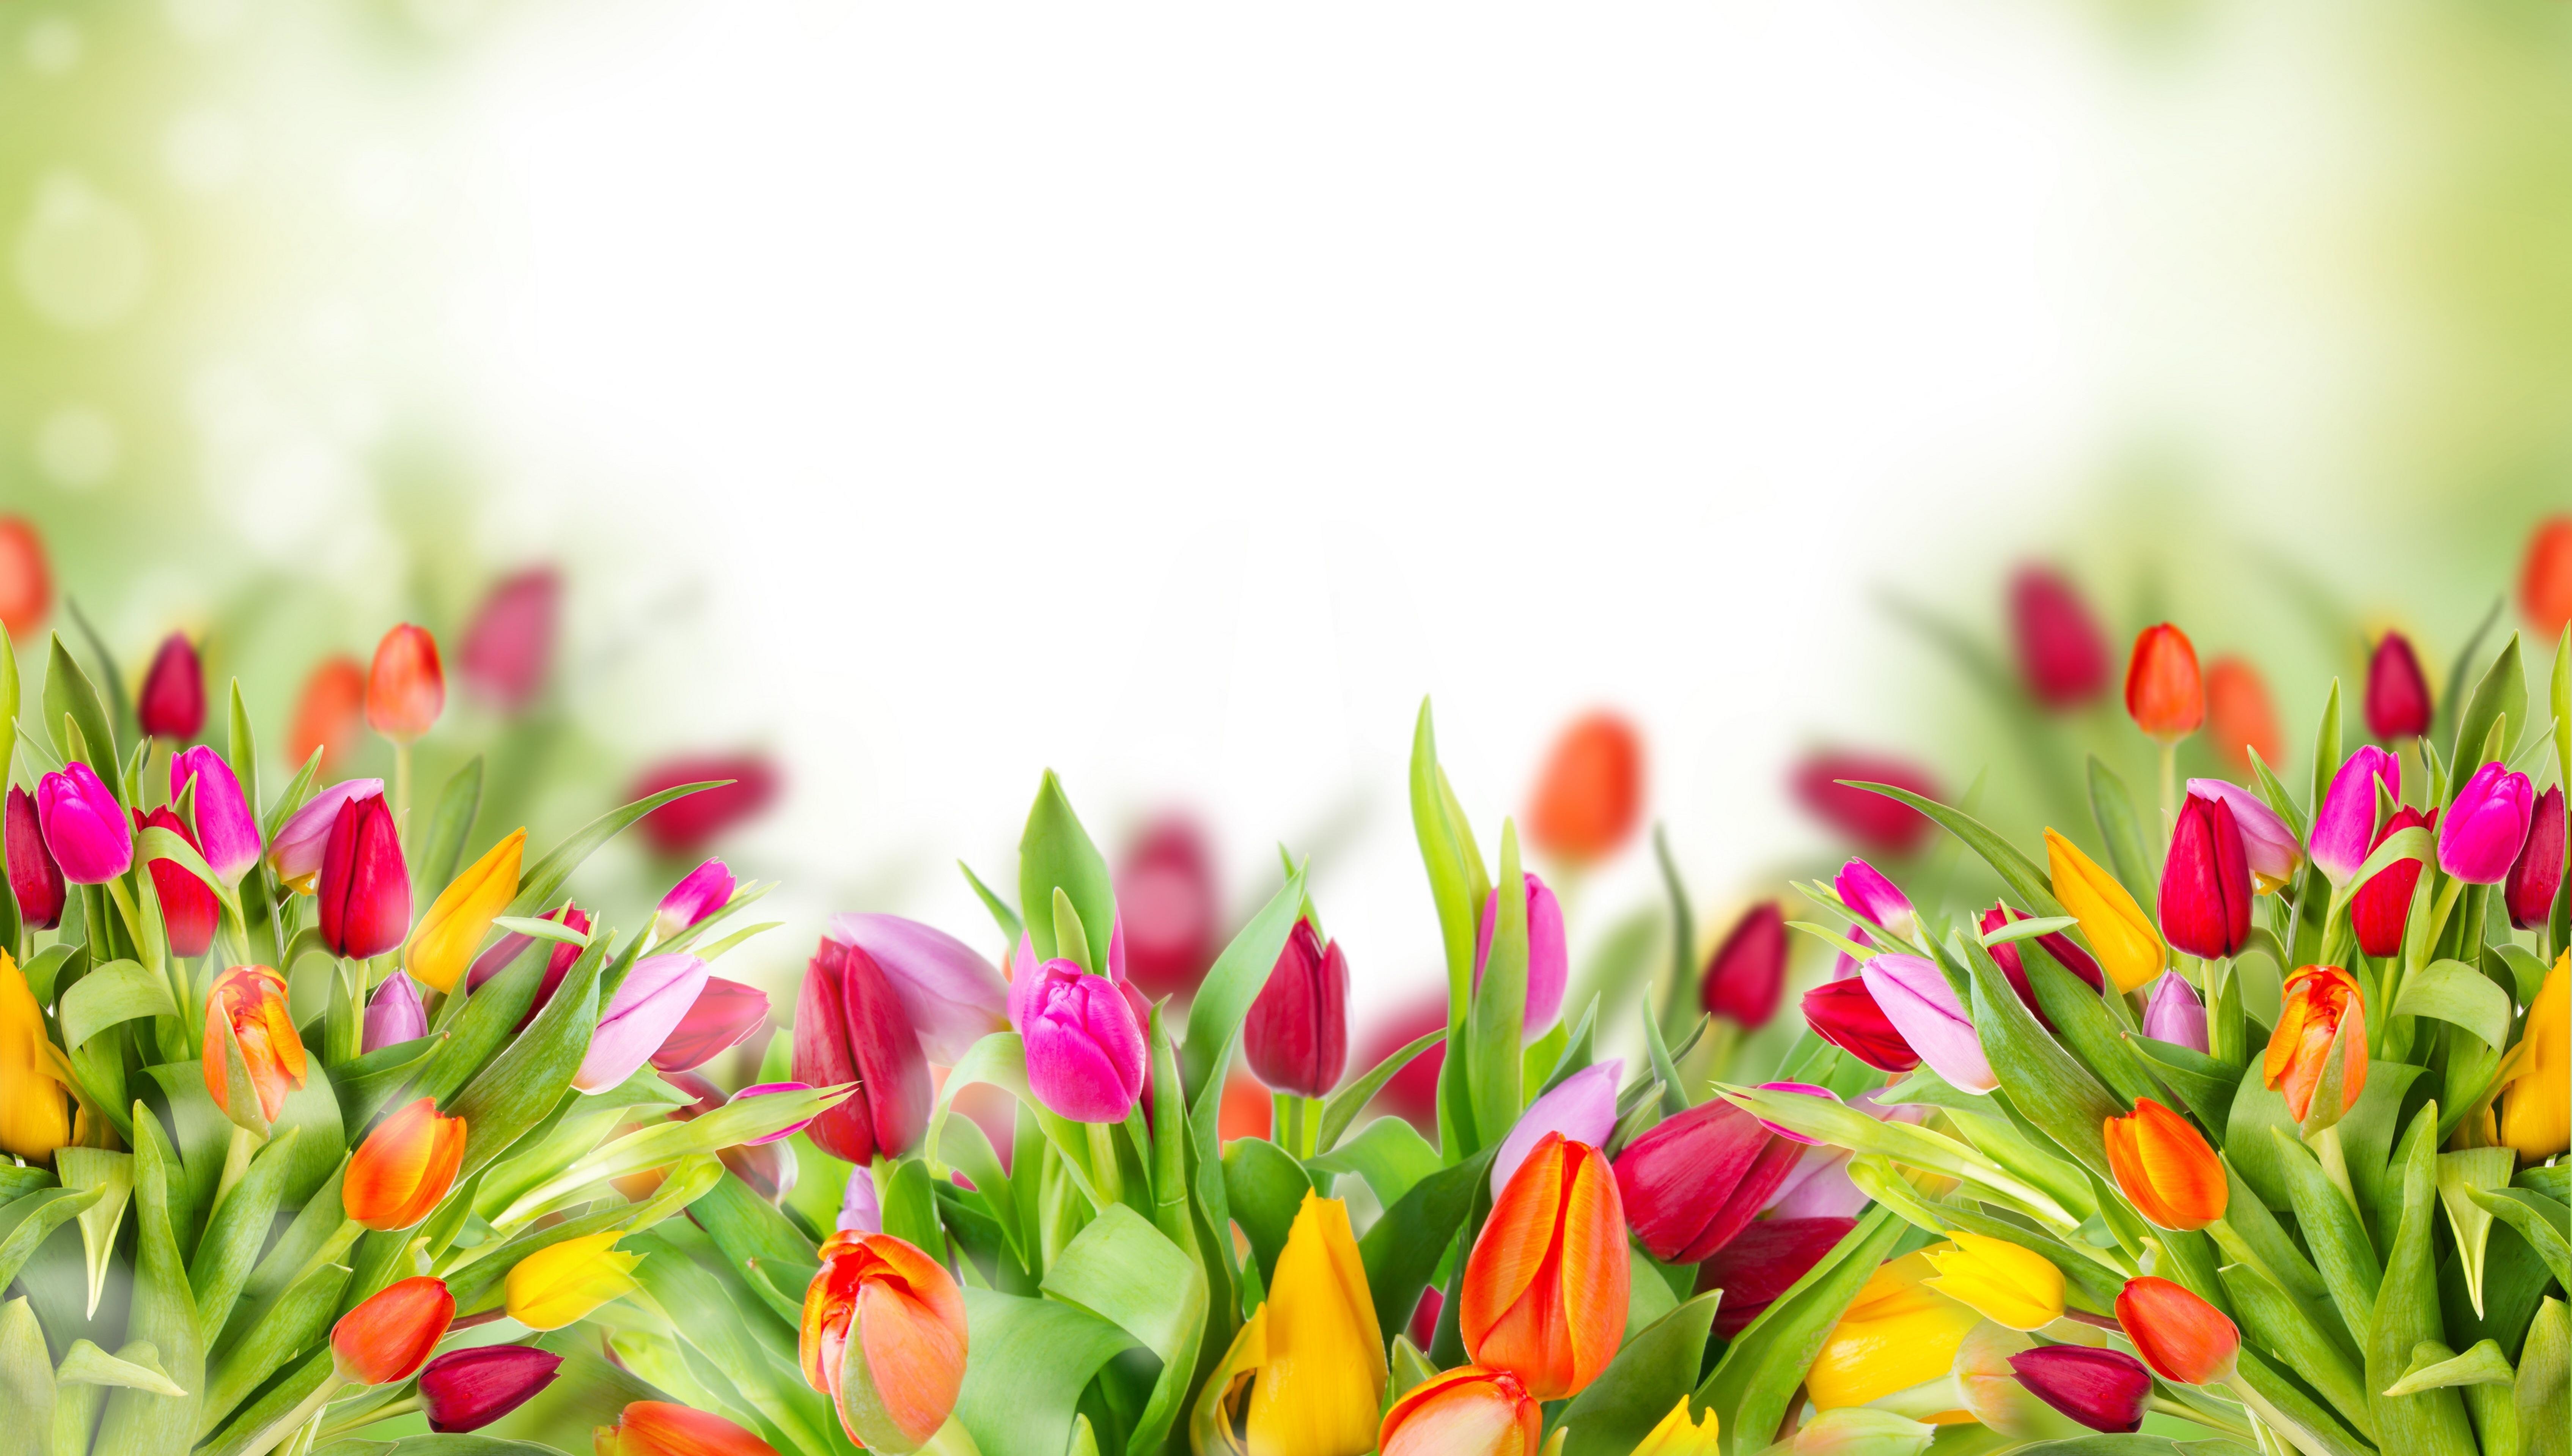 букет,тюльпаны,листья  № 415794 загрузить